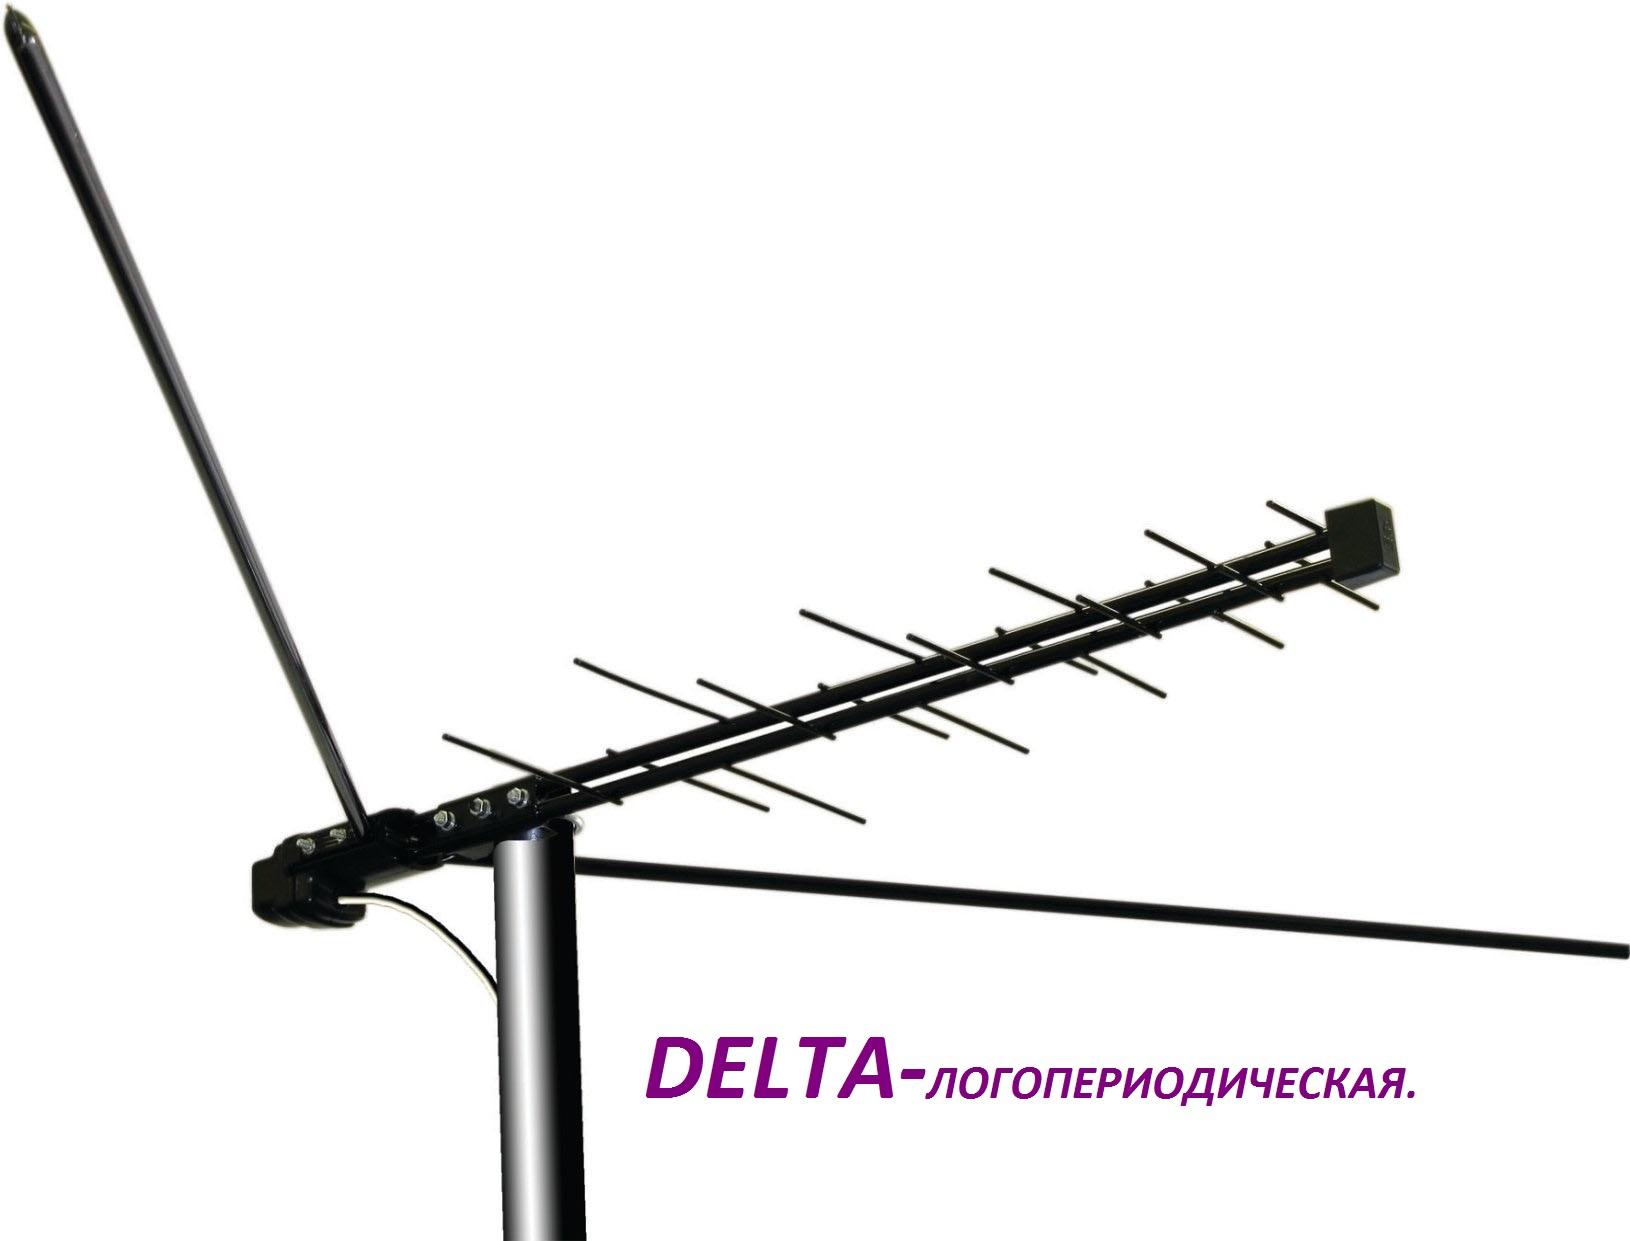 Двм антенна для цифрового телевидения своими руками